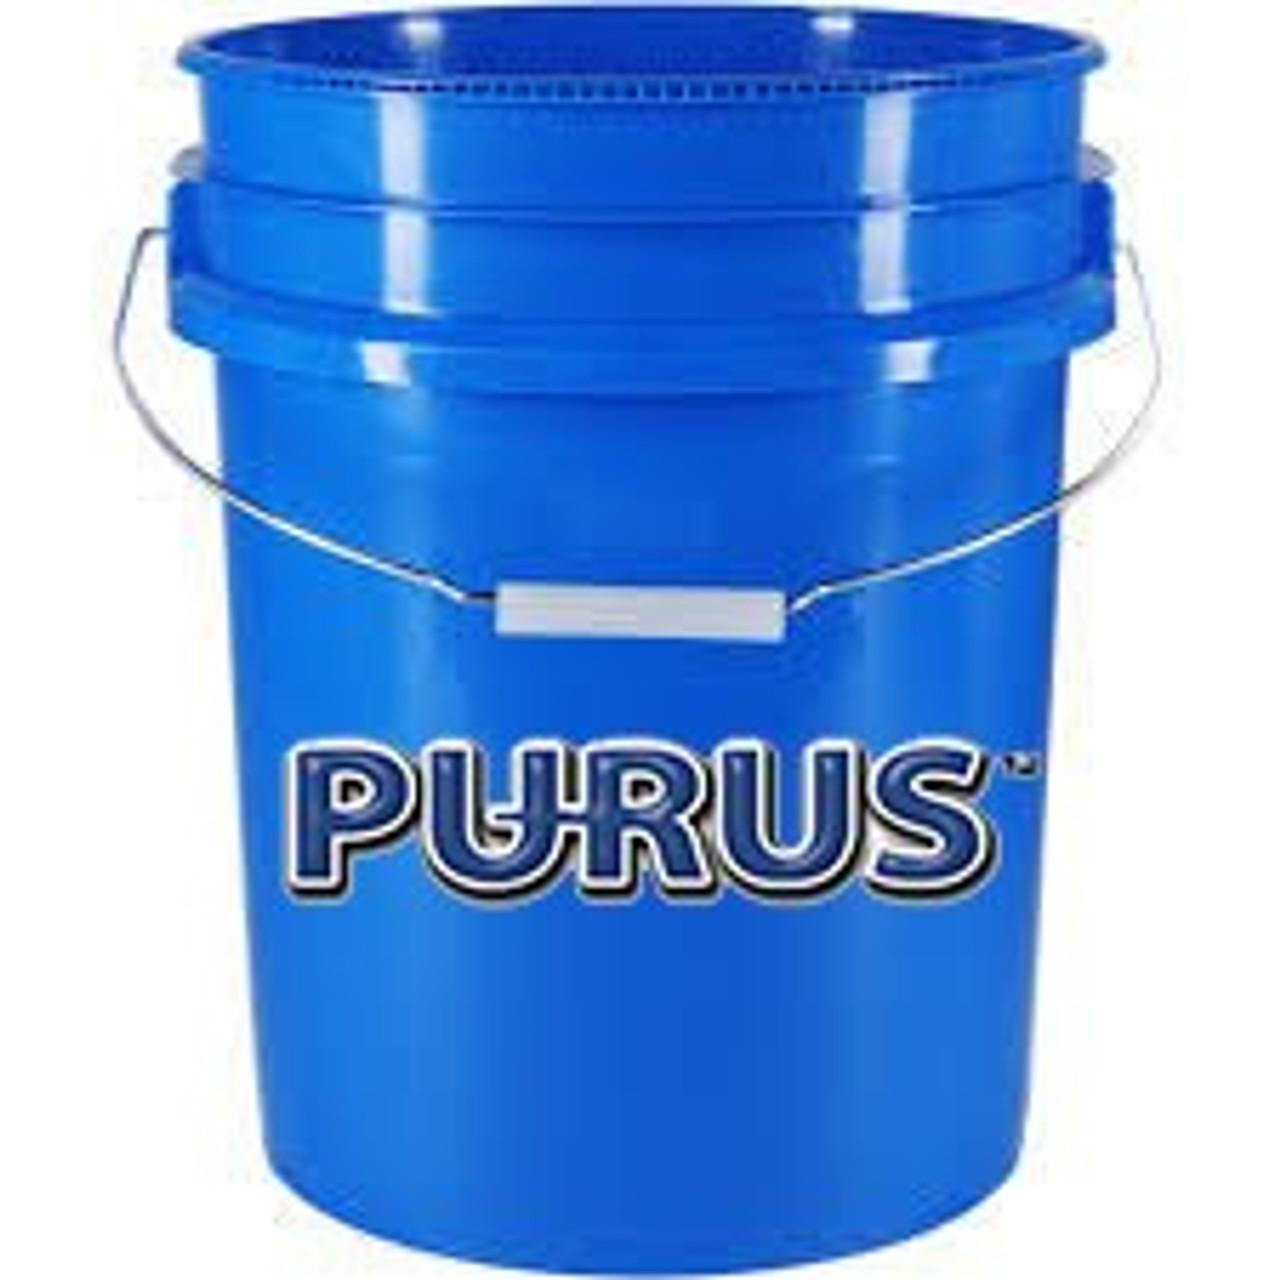 Purus® Alletor Heavy Duty Hi-Temp Grease NLGI #2 - 5% Moly - Pail